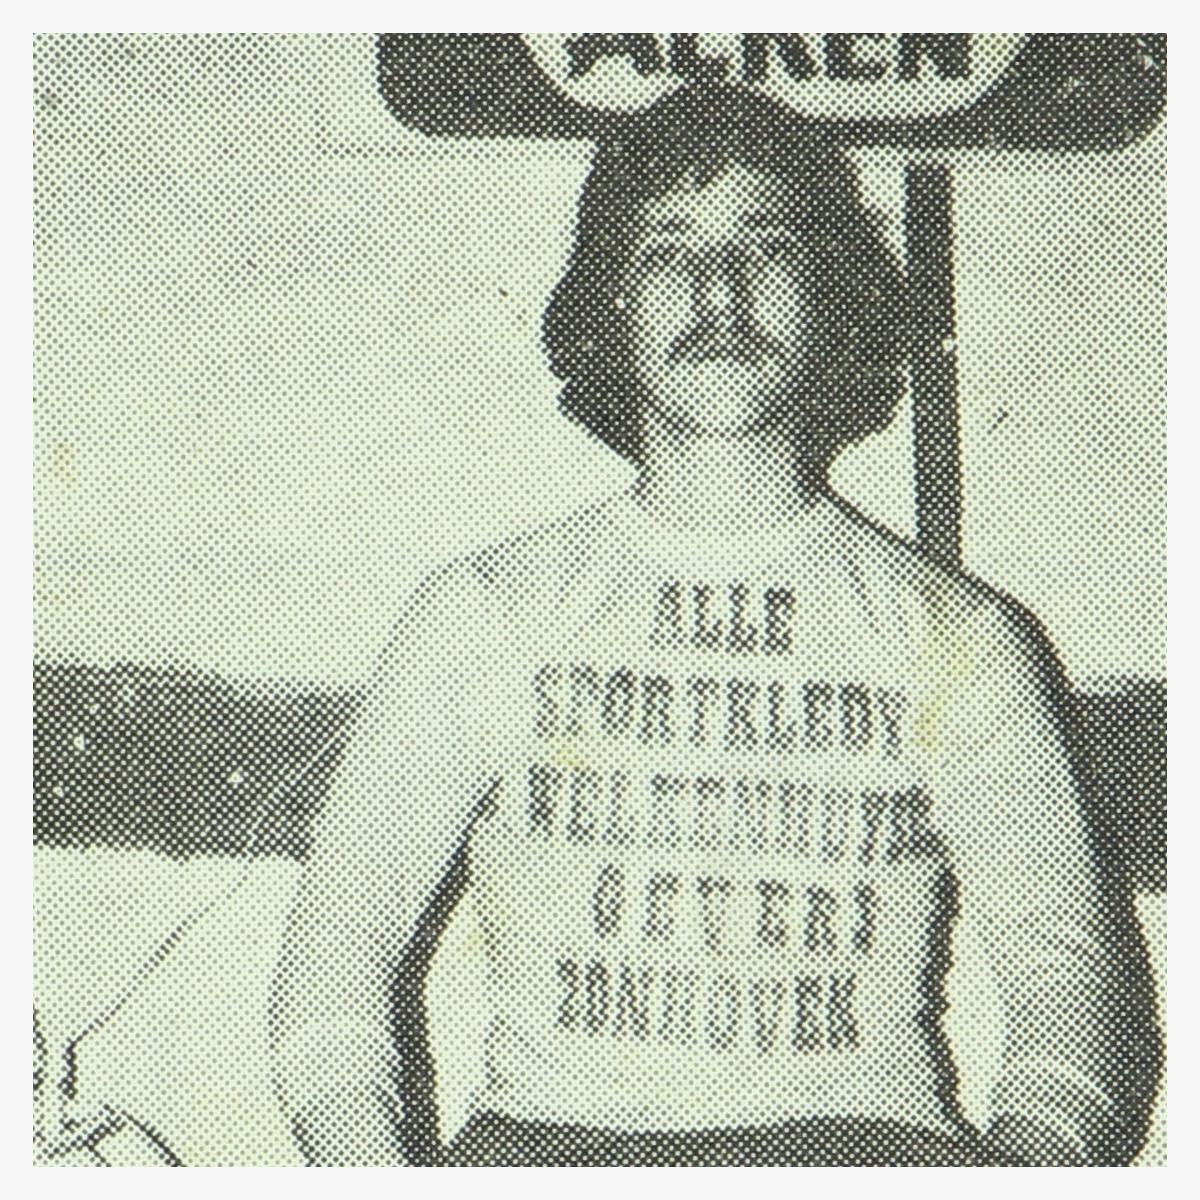 Afbeeldingen van Recordpoging paalzitten 7/02/1976